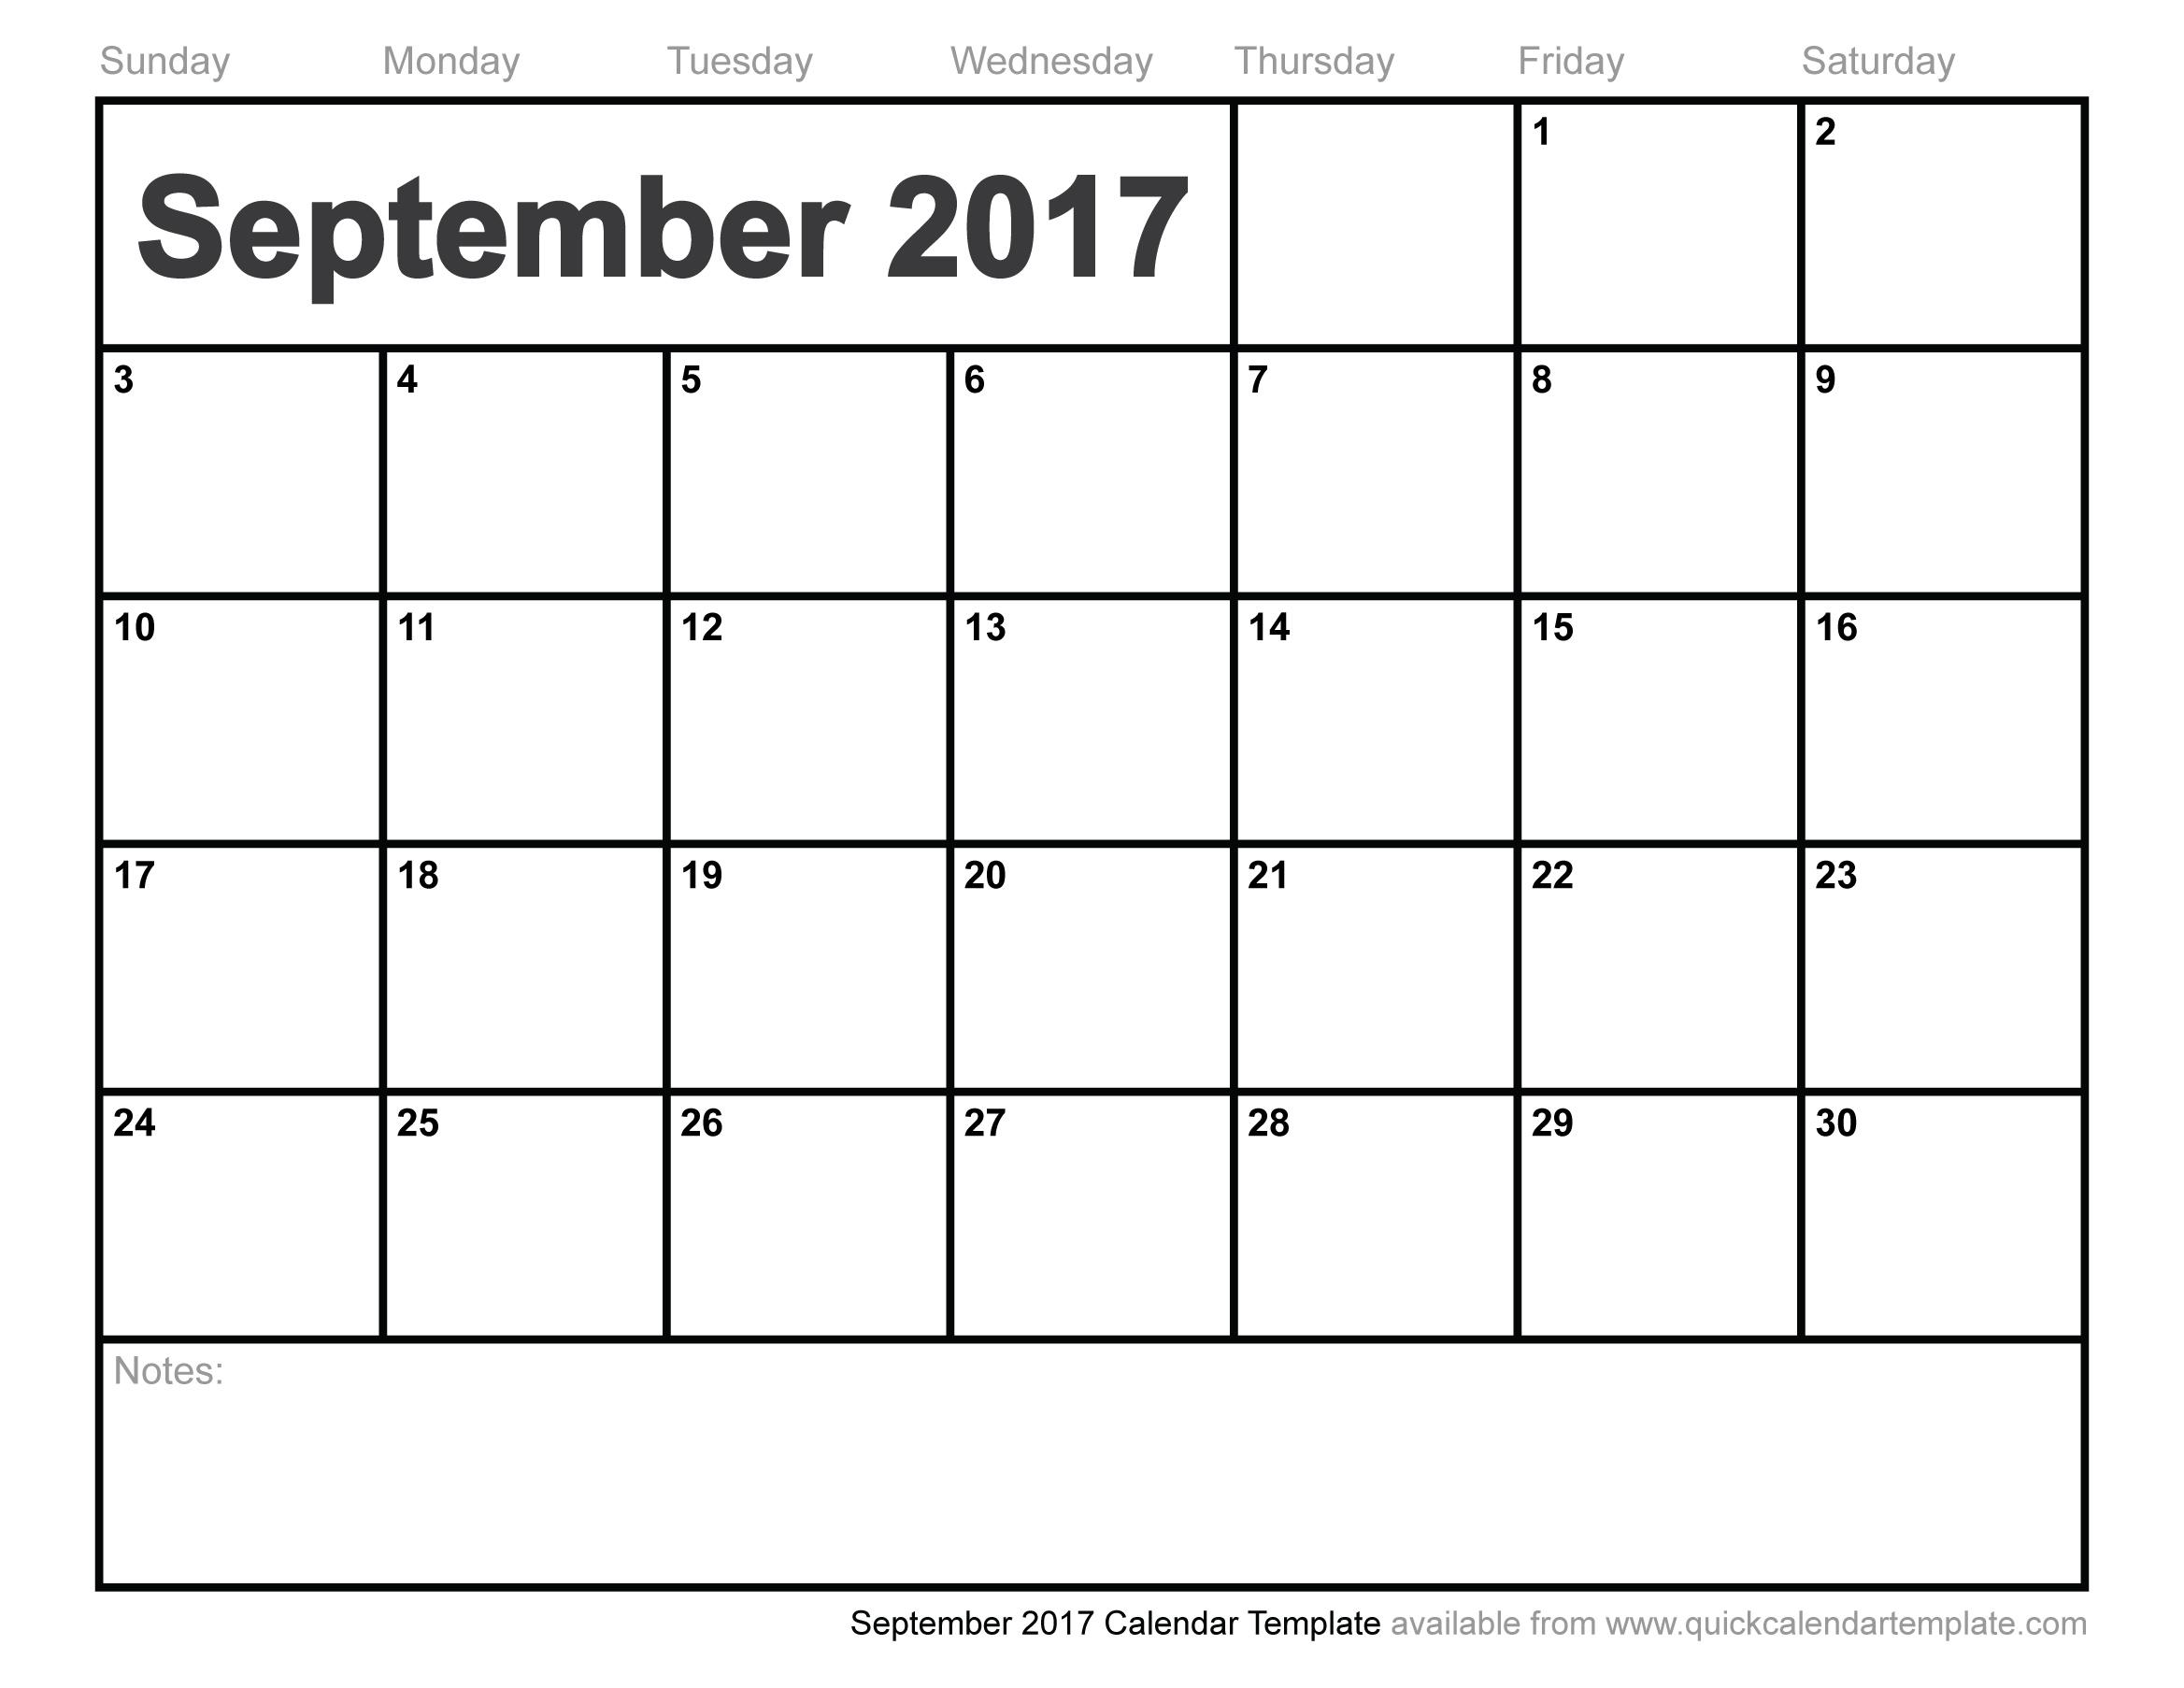 September 2017 Calendar Template | weekly calendar template